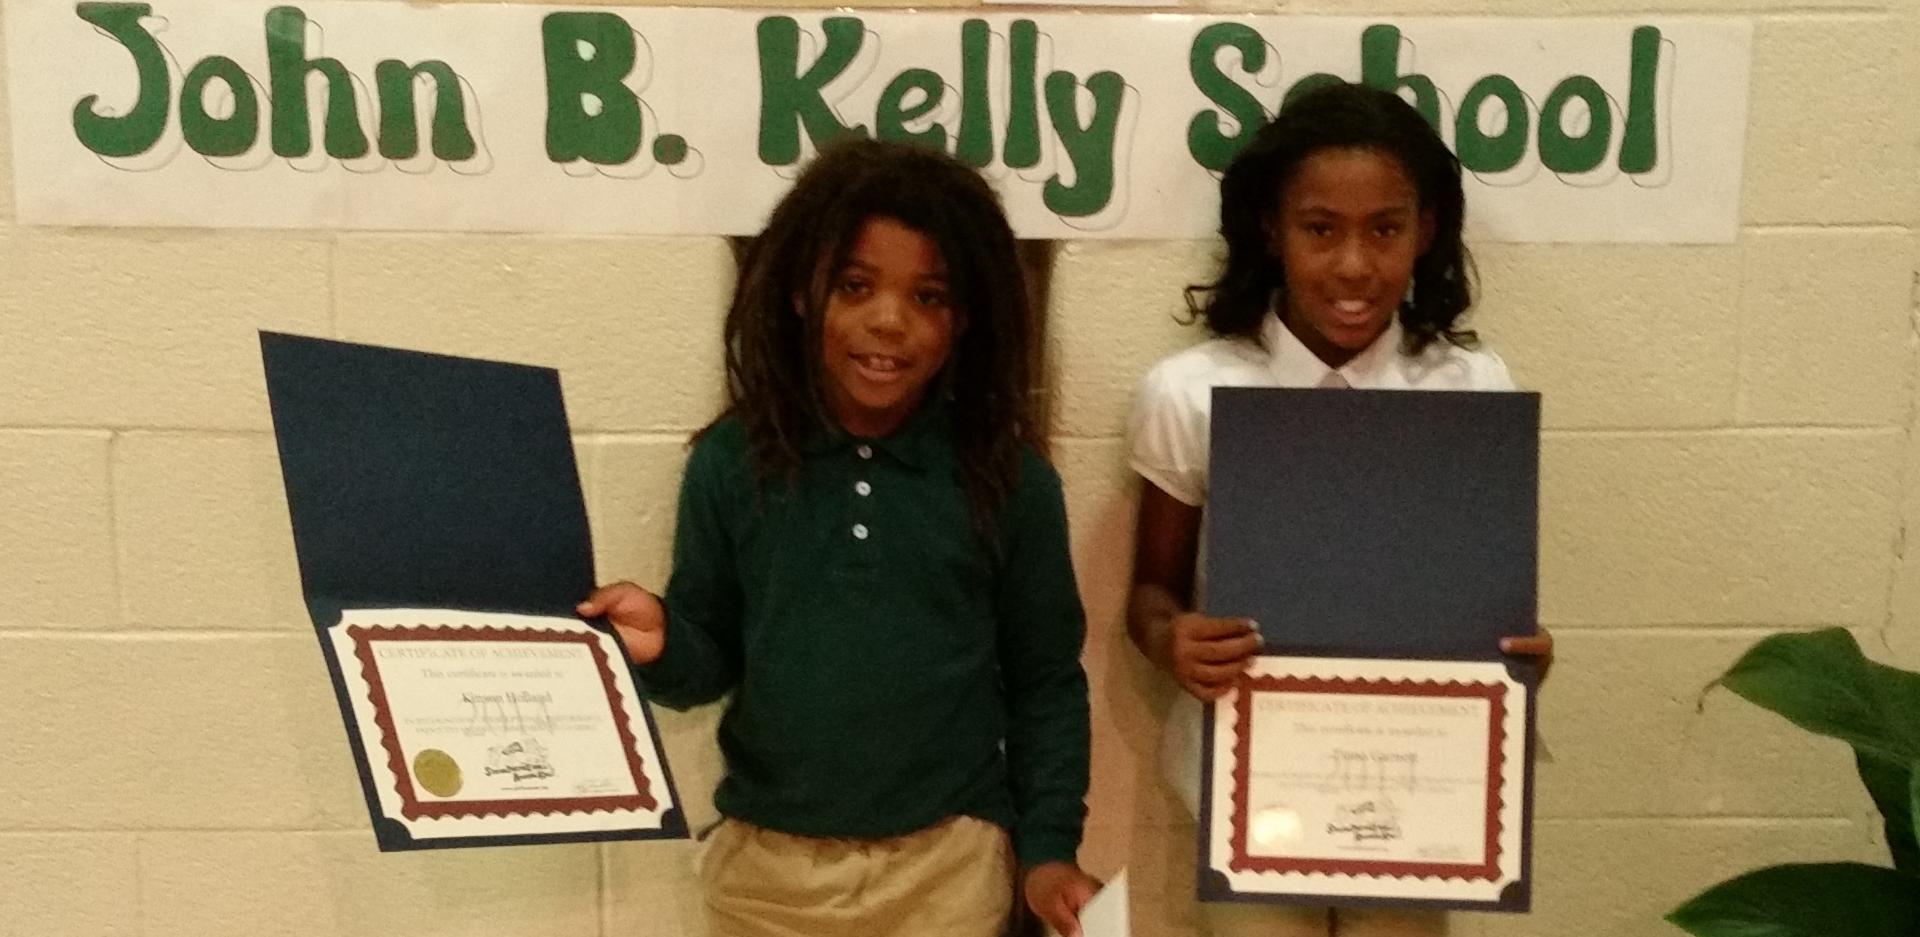 Winners from John B. Kelly School_edited